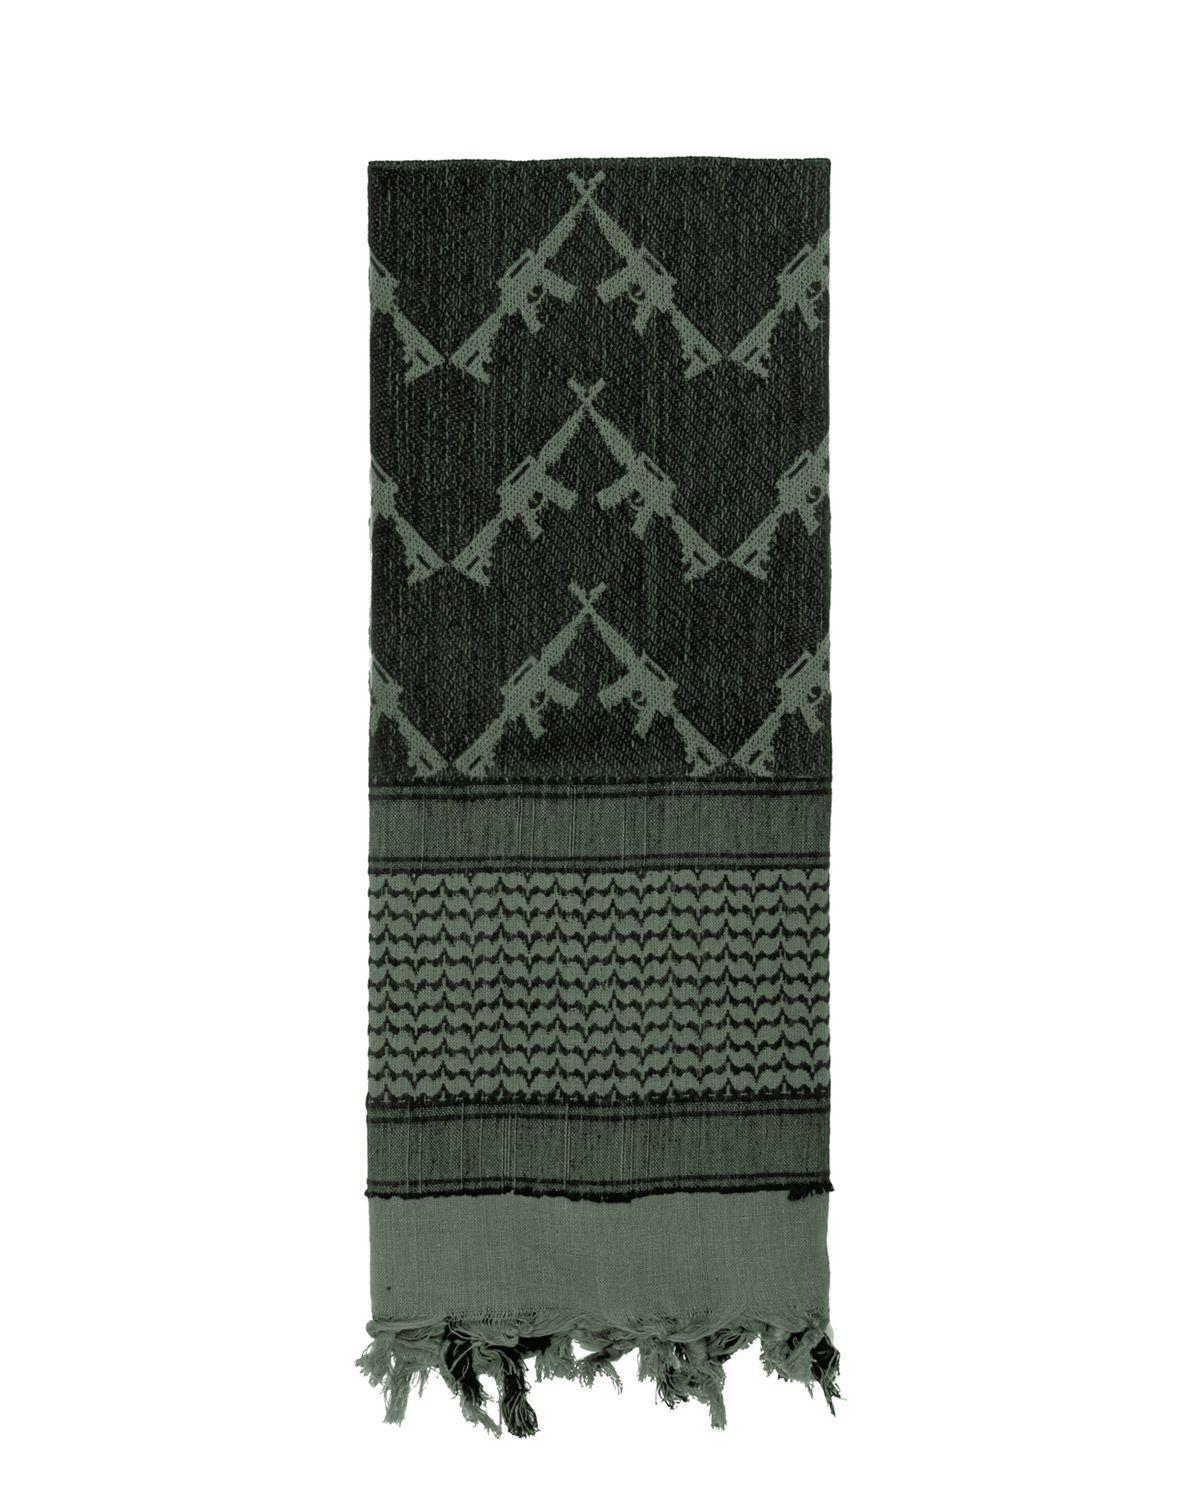 Image of   Rothco Taktisk Partisan Tørklæde - 'Crossed Rifle' (Blad Grøn, One Size)